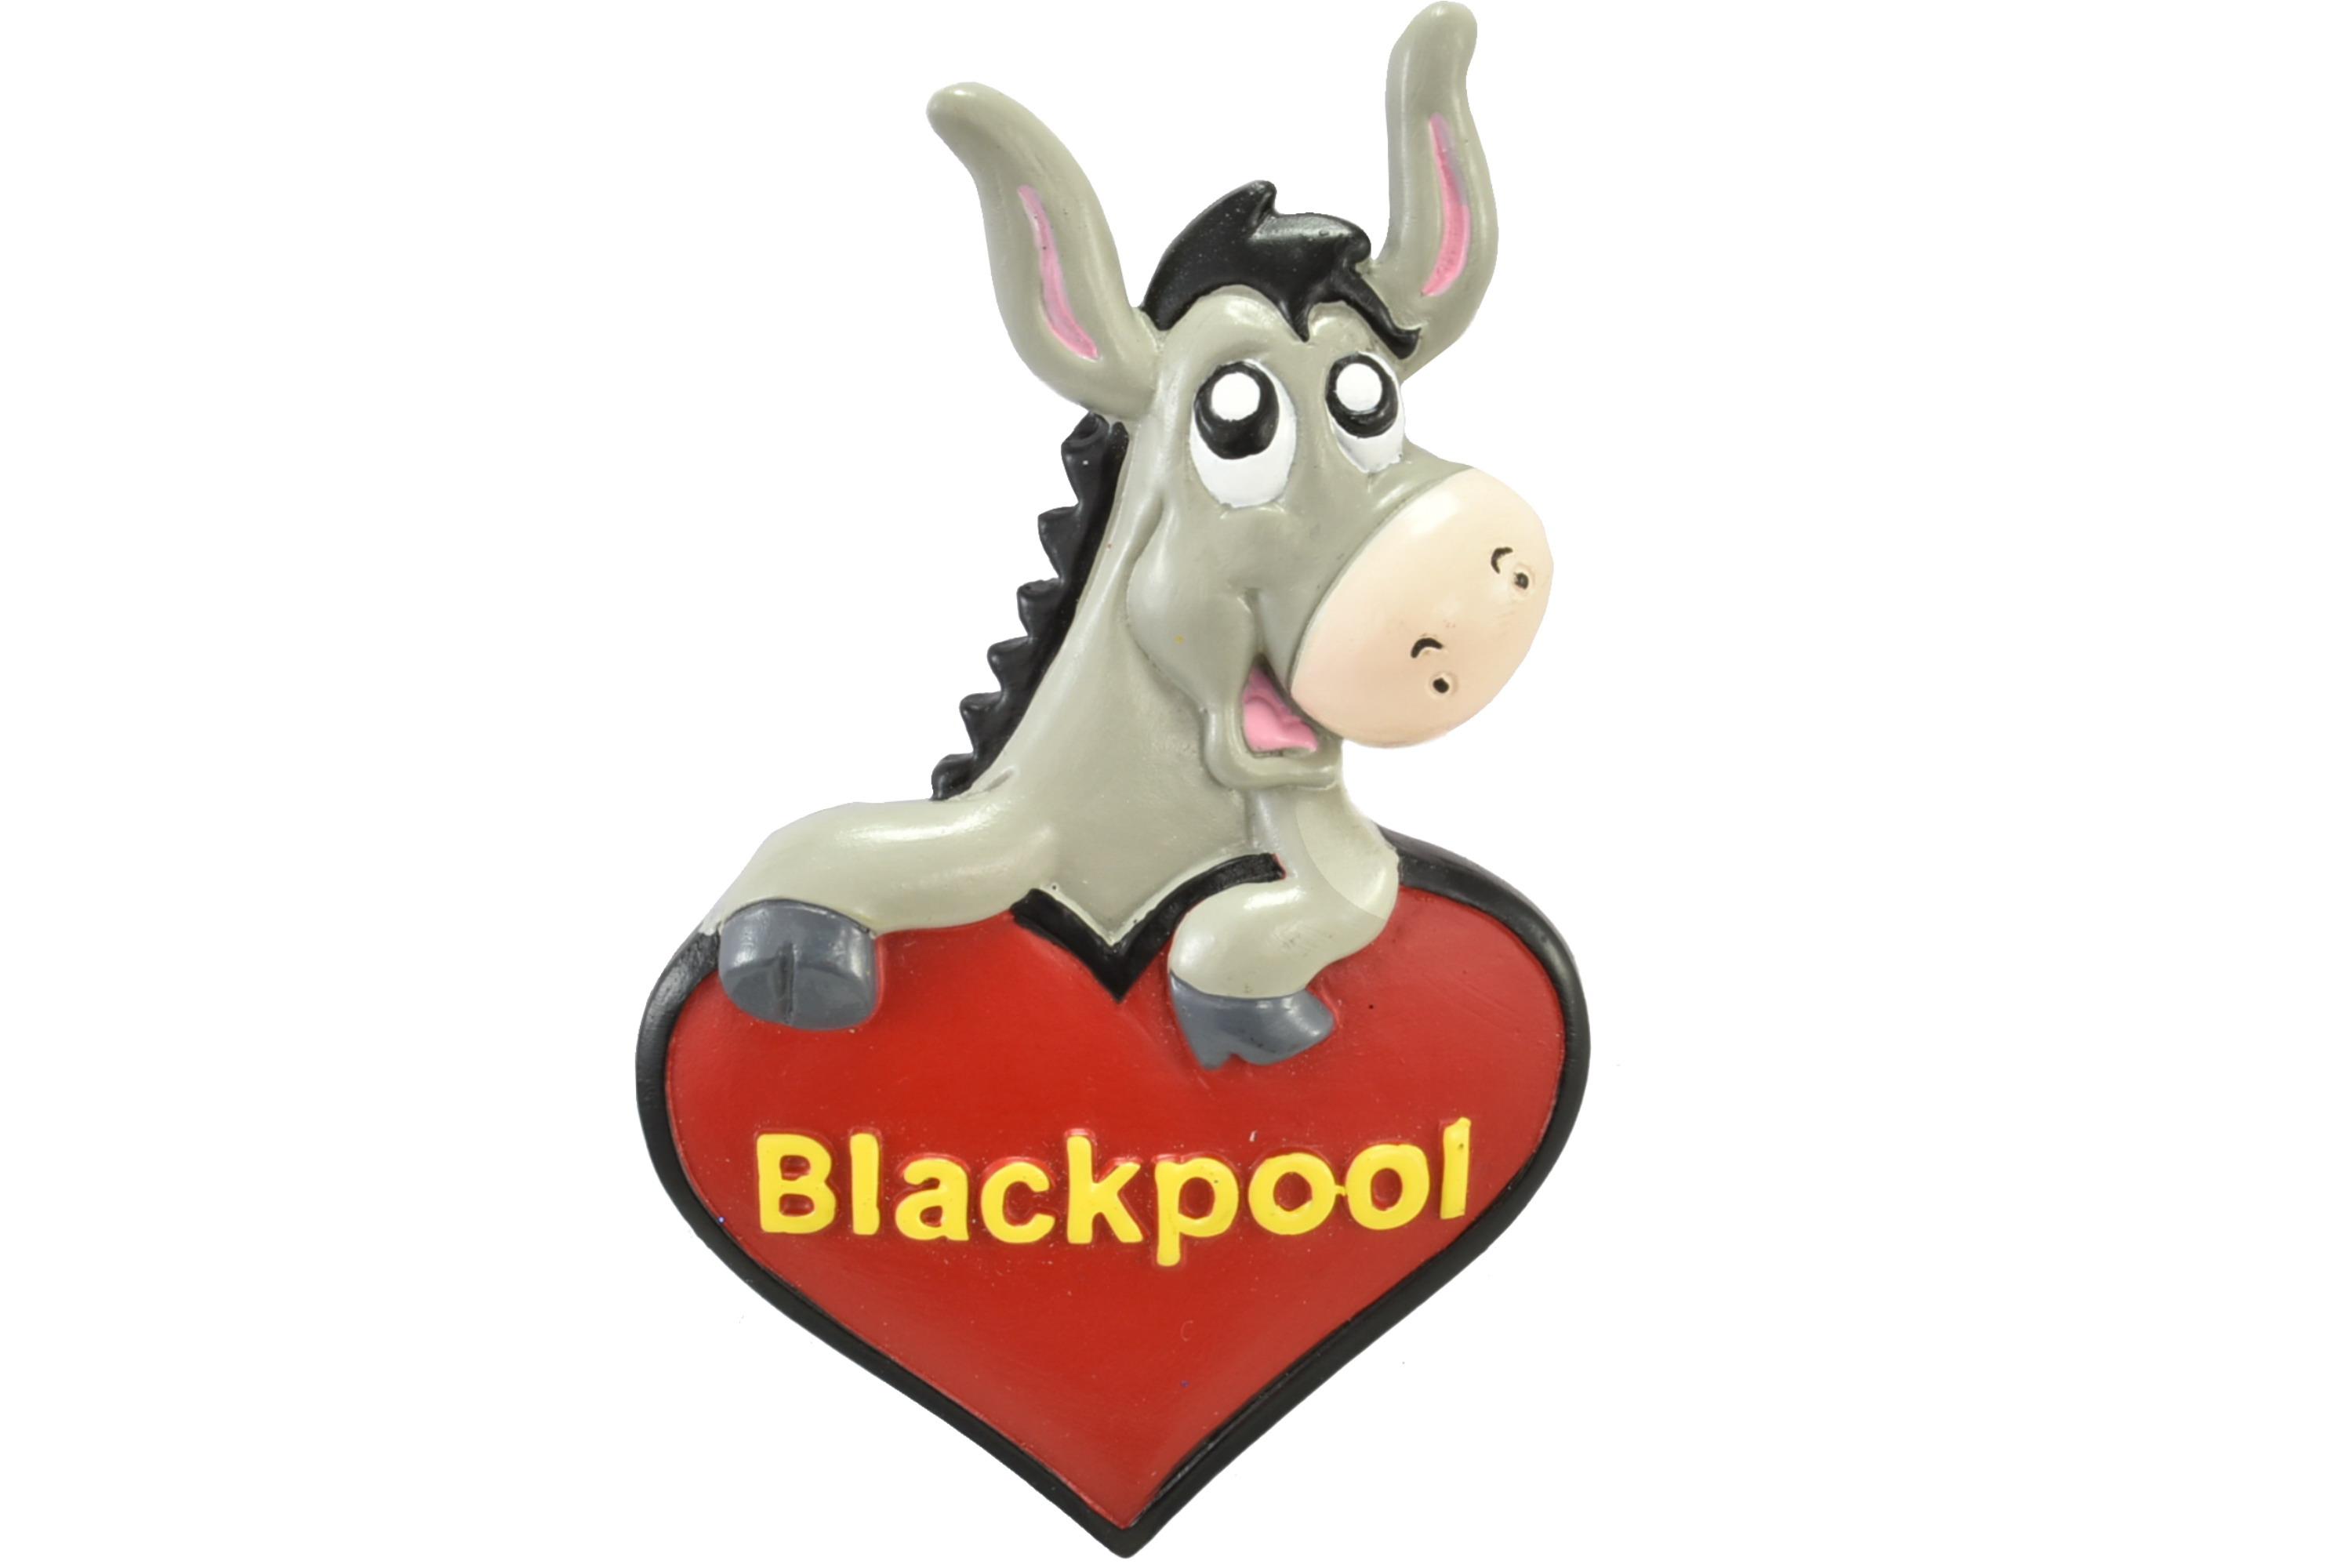 Blackpool Donkey Heart Resin Magnet